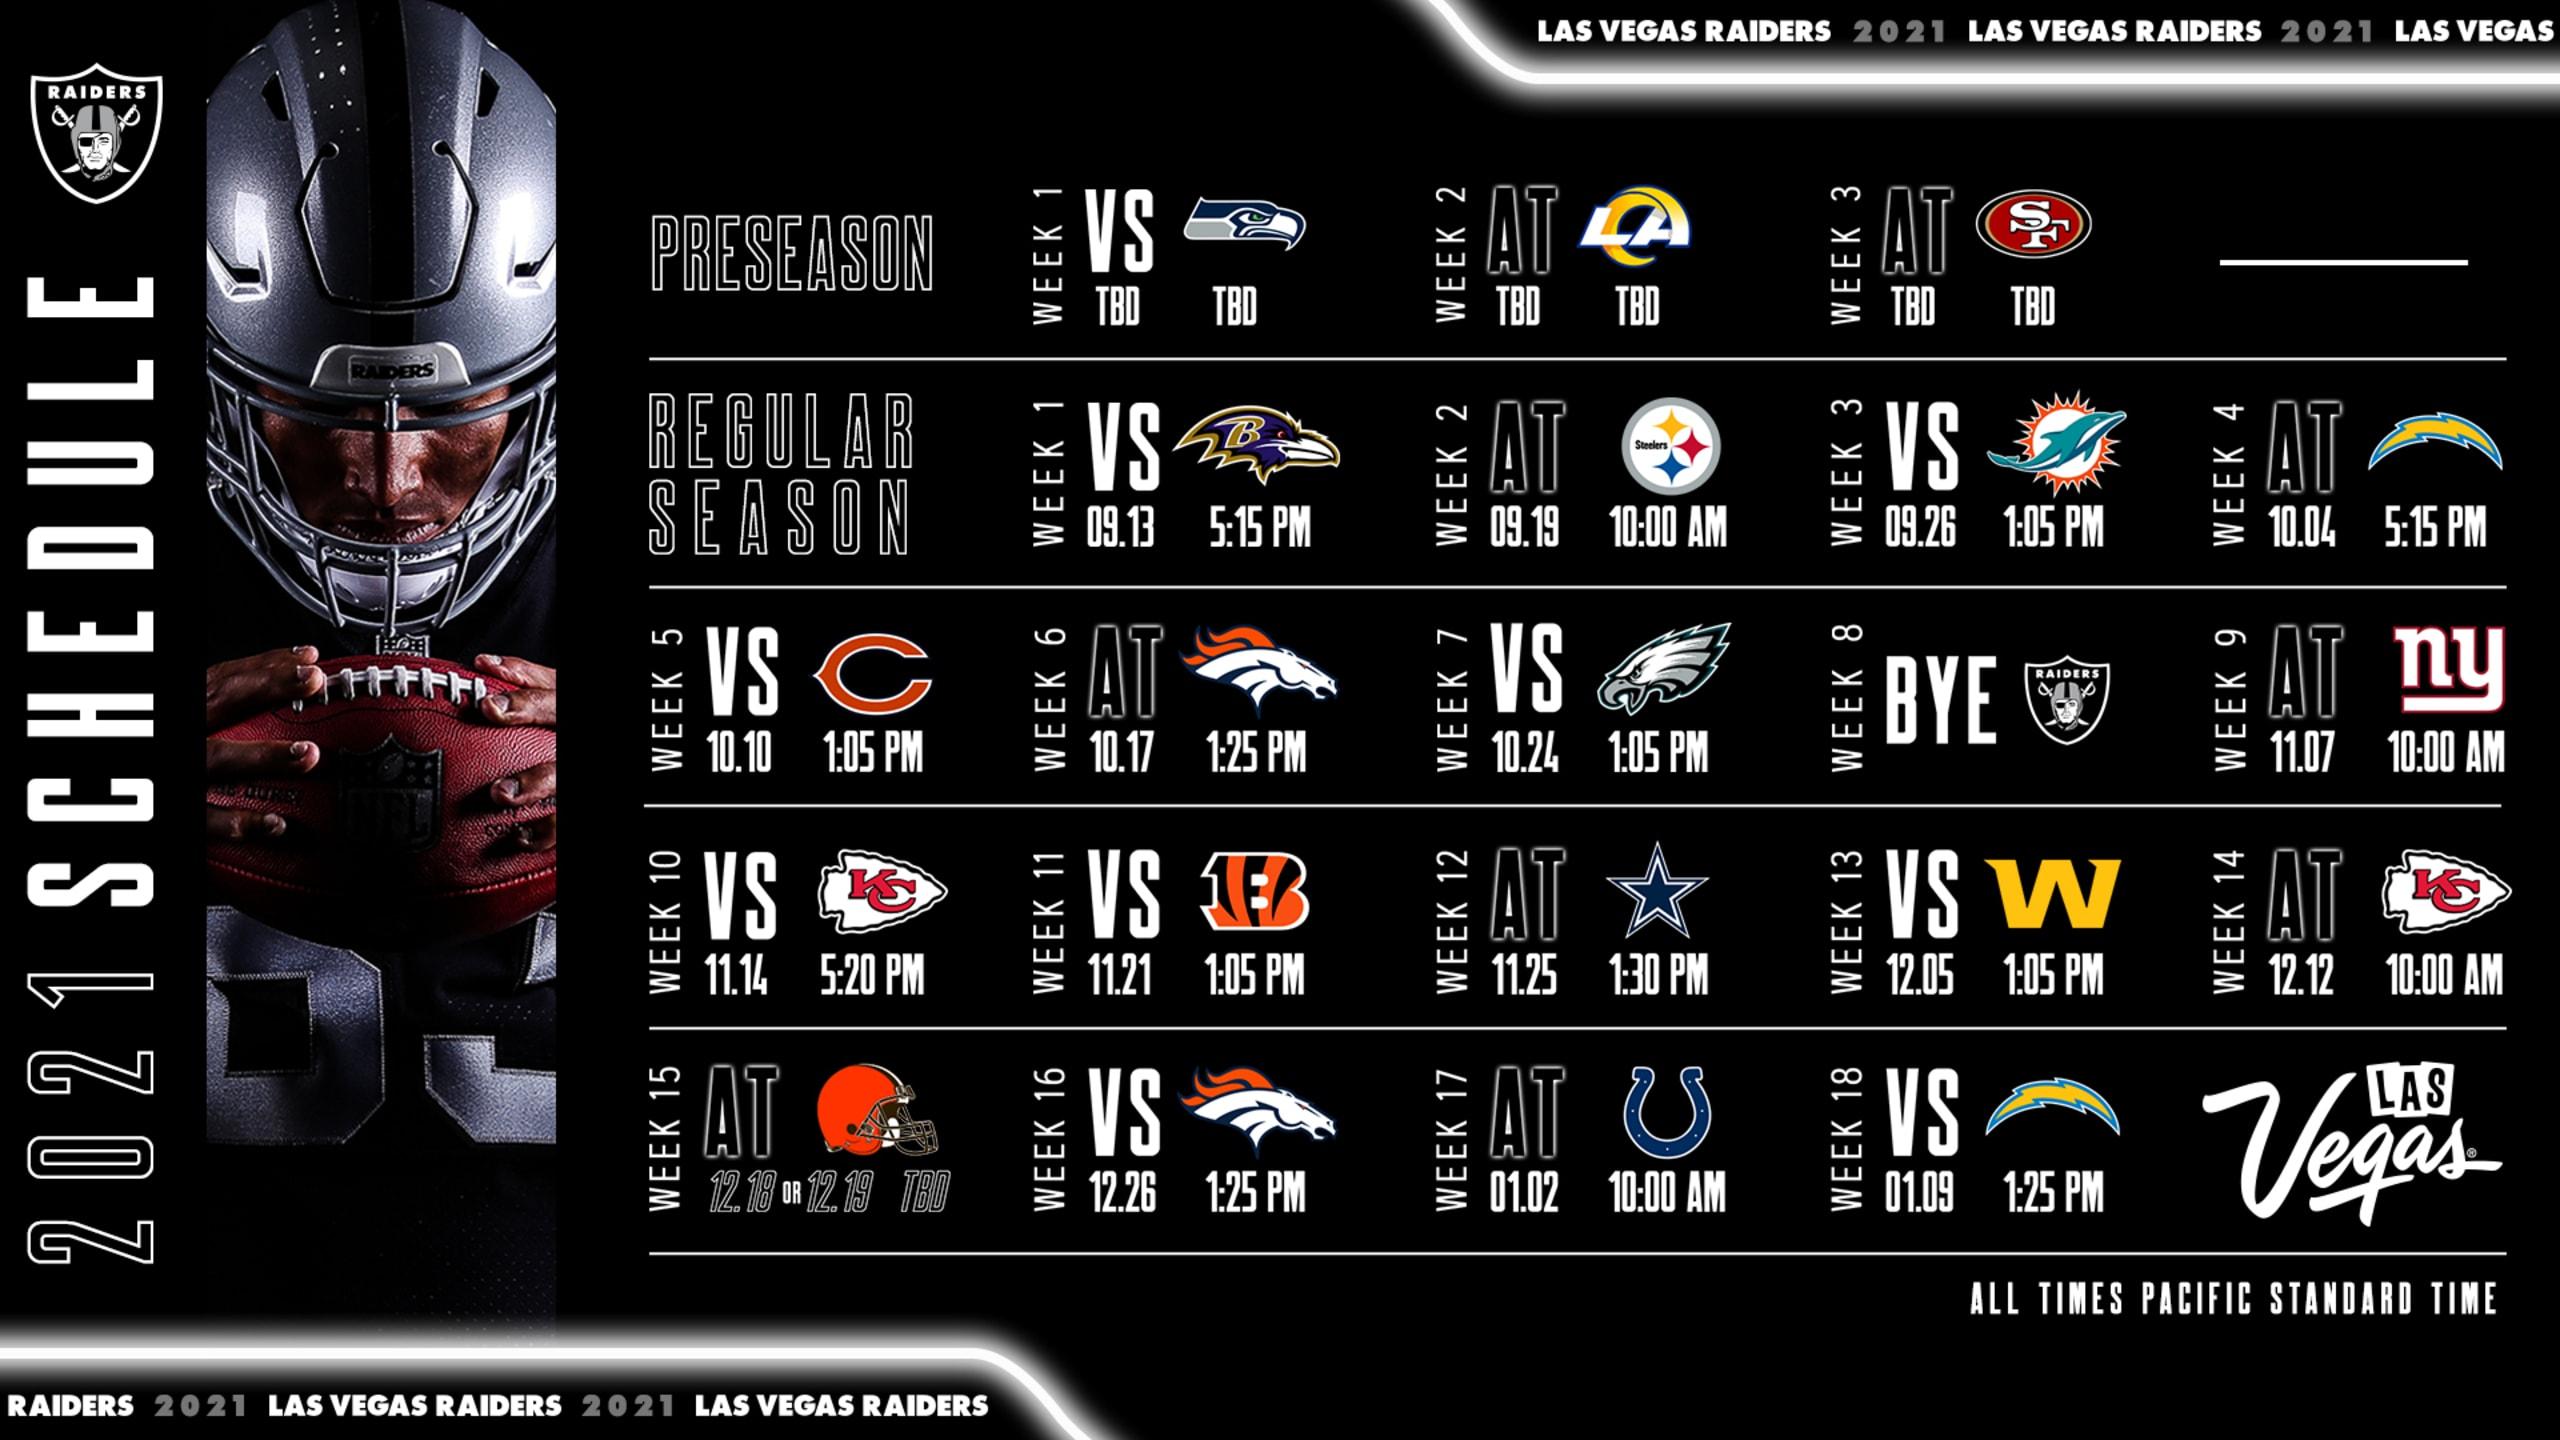 Raiders Schedule 2021 VegasNews Las Vegas News